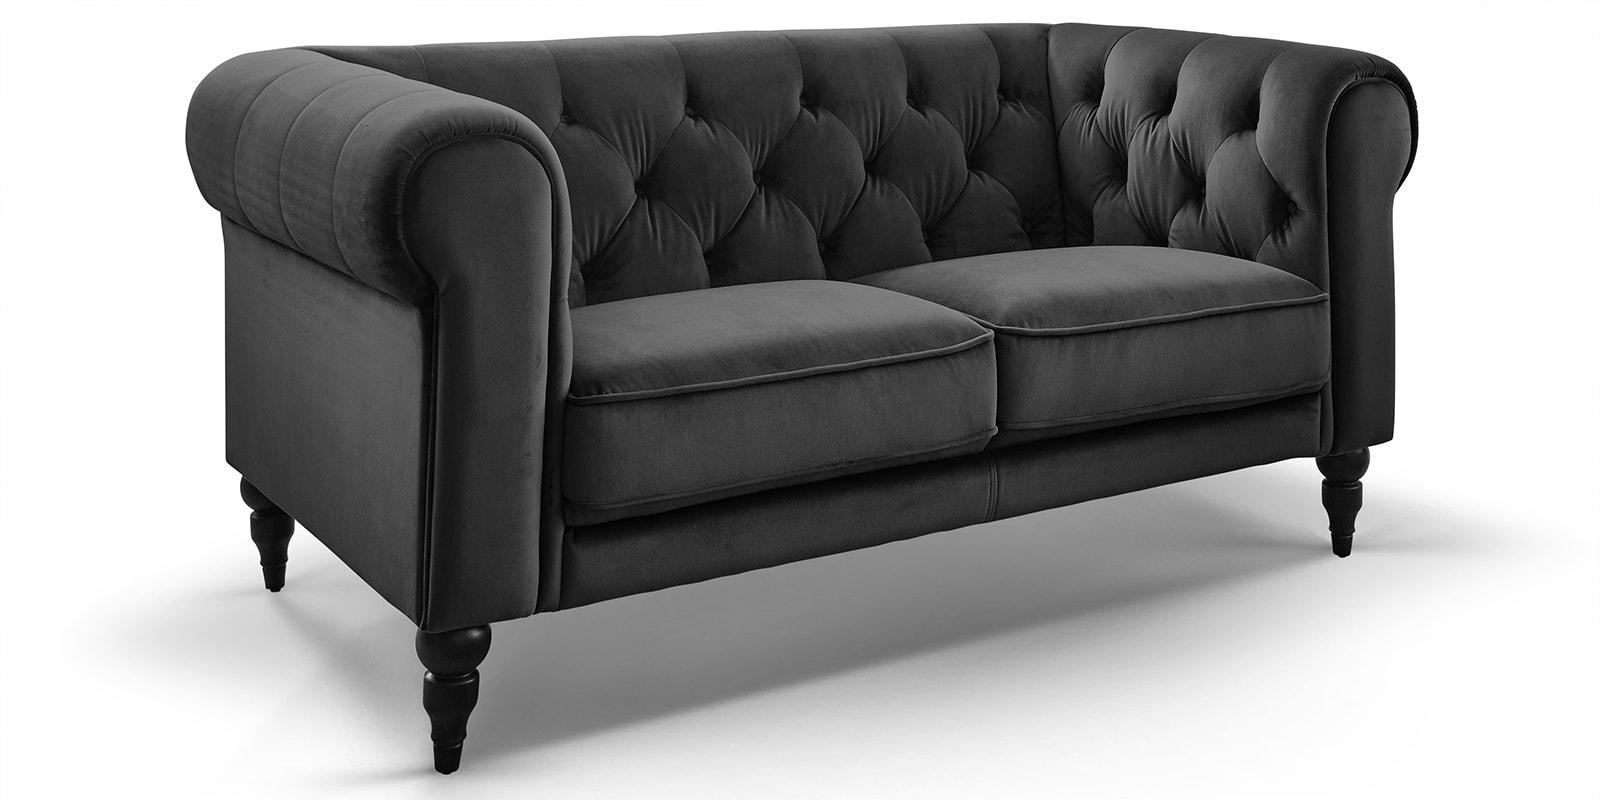 Moebella24 - 2-Sitzer - Sofa - Hudson - Chesterfield - Samt - Anthrazit - Dekorative - Nähte - und - Versteppungen - Knopfheftung - Barock-Design - Füße - Detailaufnahme